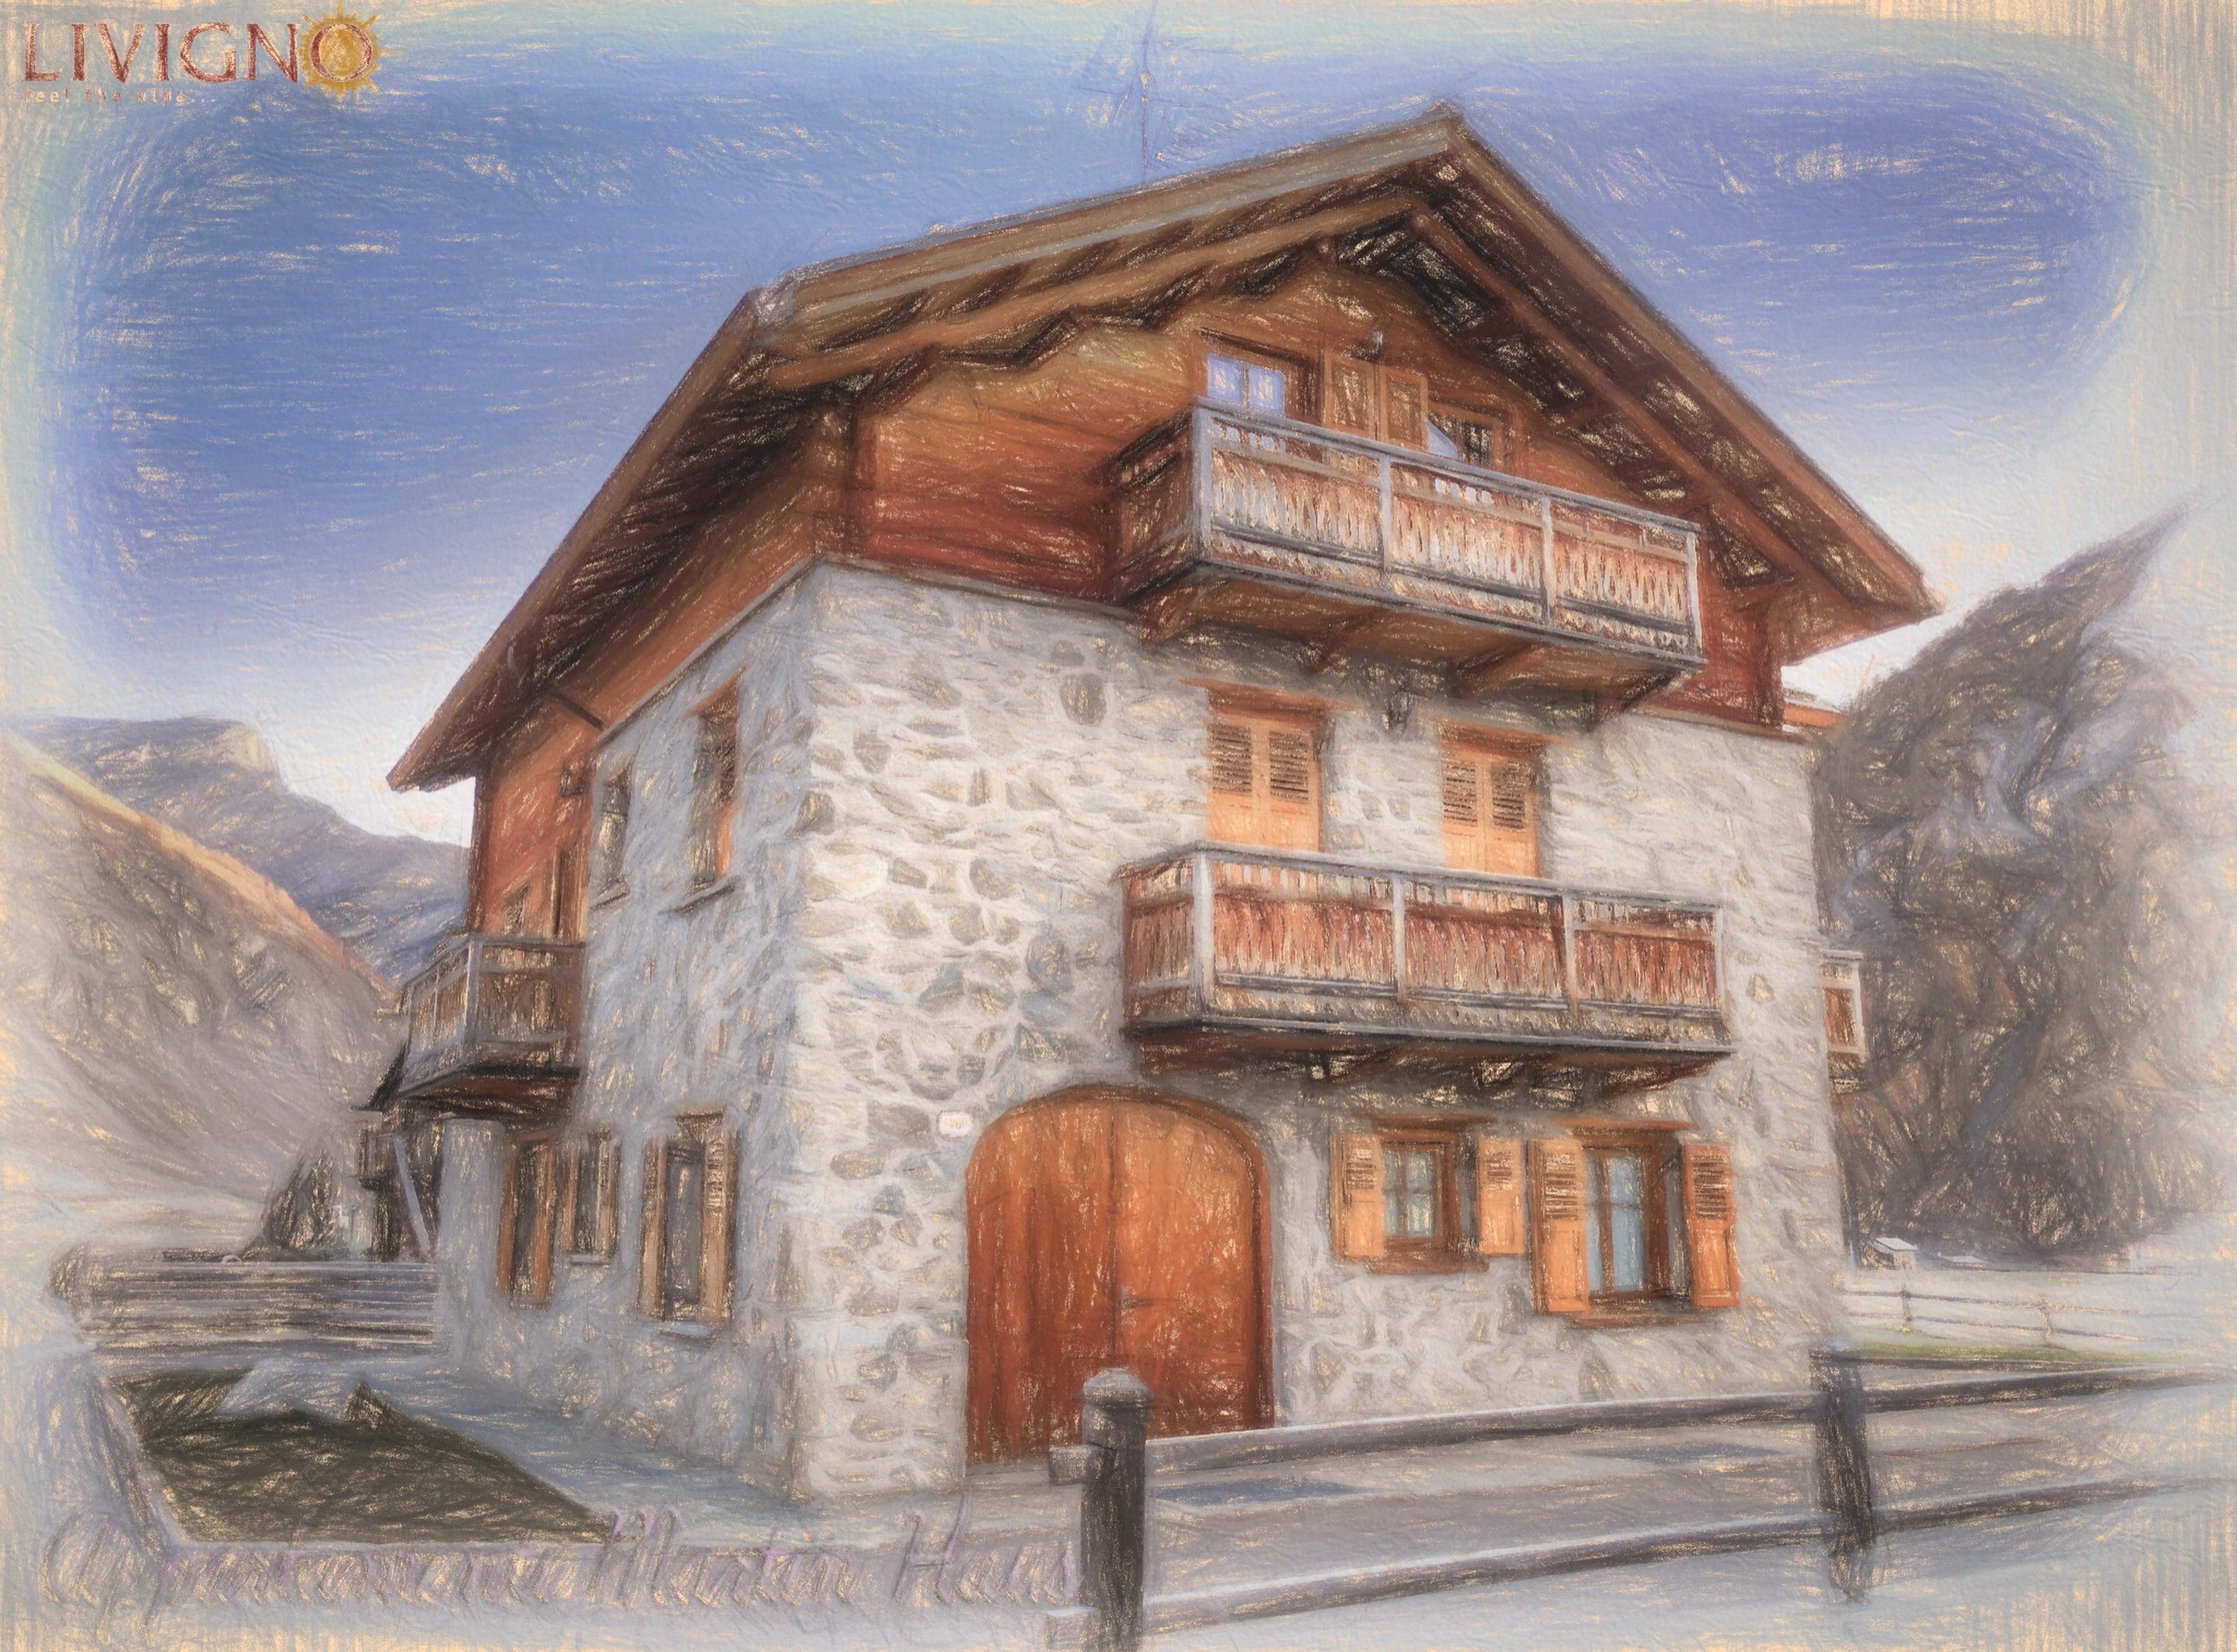 Obrazky Na Plochu Kreslenie Maľba Drevo Dom Panoramy Kaplnka